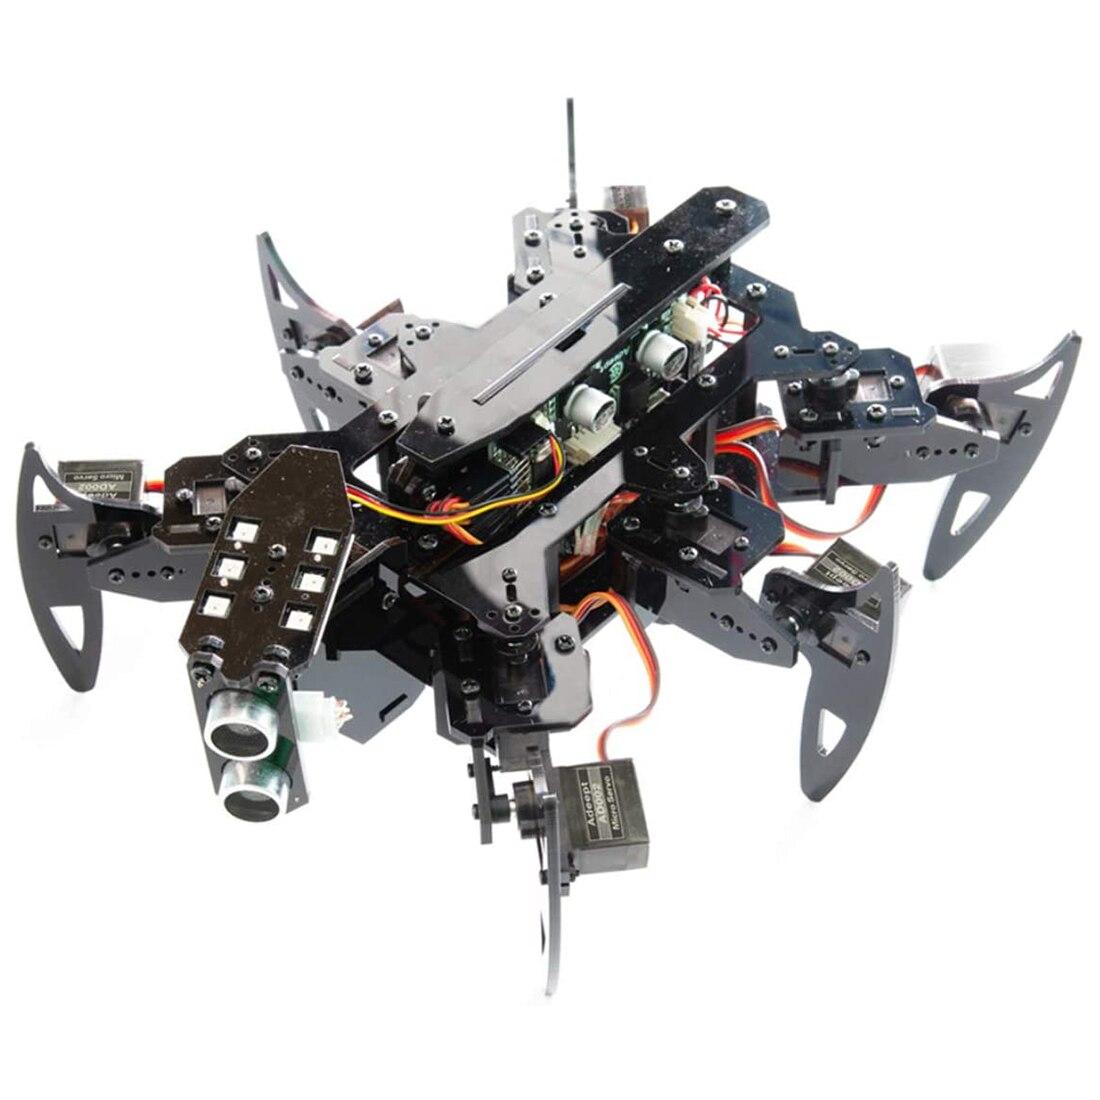 طقم روبوت العنكبوت Hexapod ، أداة إلكترونية للروبوتية ، Arduino ، توصيل مباشر